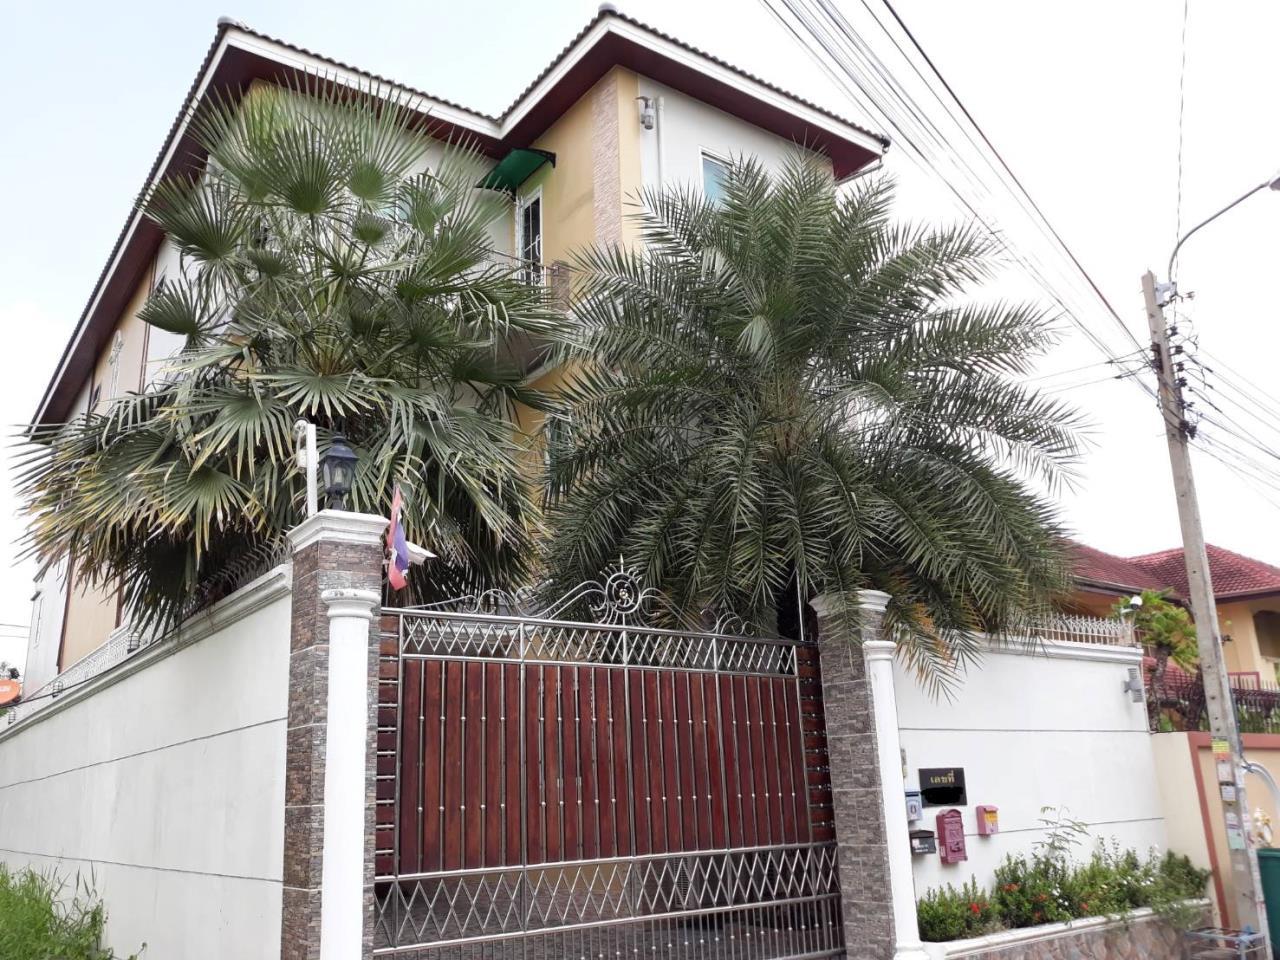 ขาย บ้าน แขวงท่าแร้ง เขตบางเขน กรุงเทพมหานคร, ภาพที่ 1